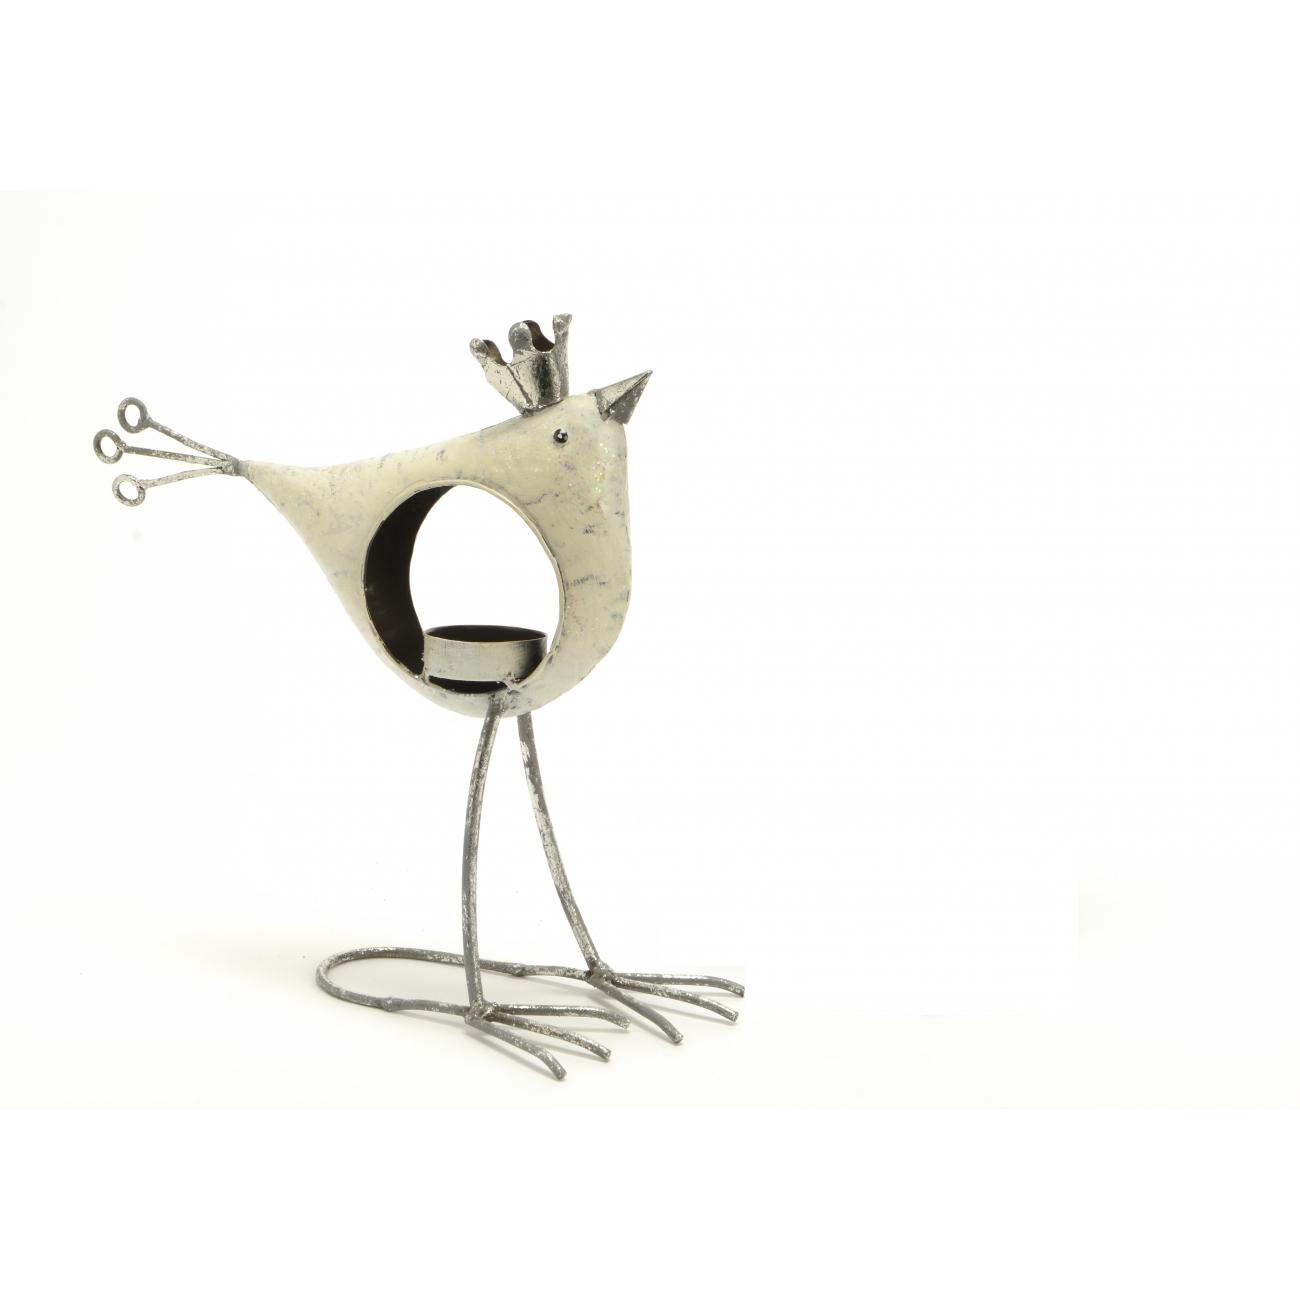 Подсвечник AMADEUS в форме птички с короной белый высота 24 см Франция